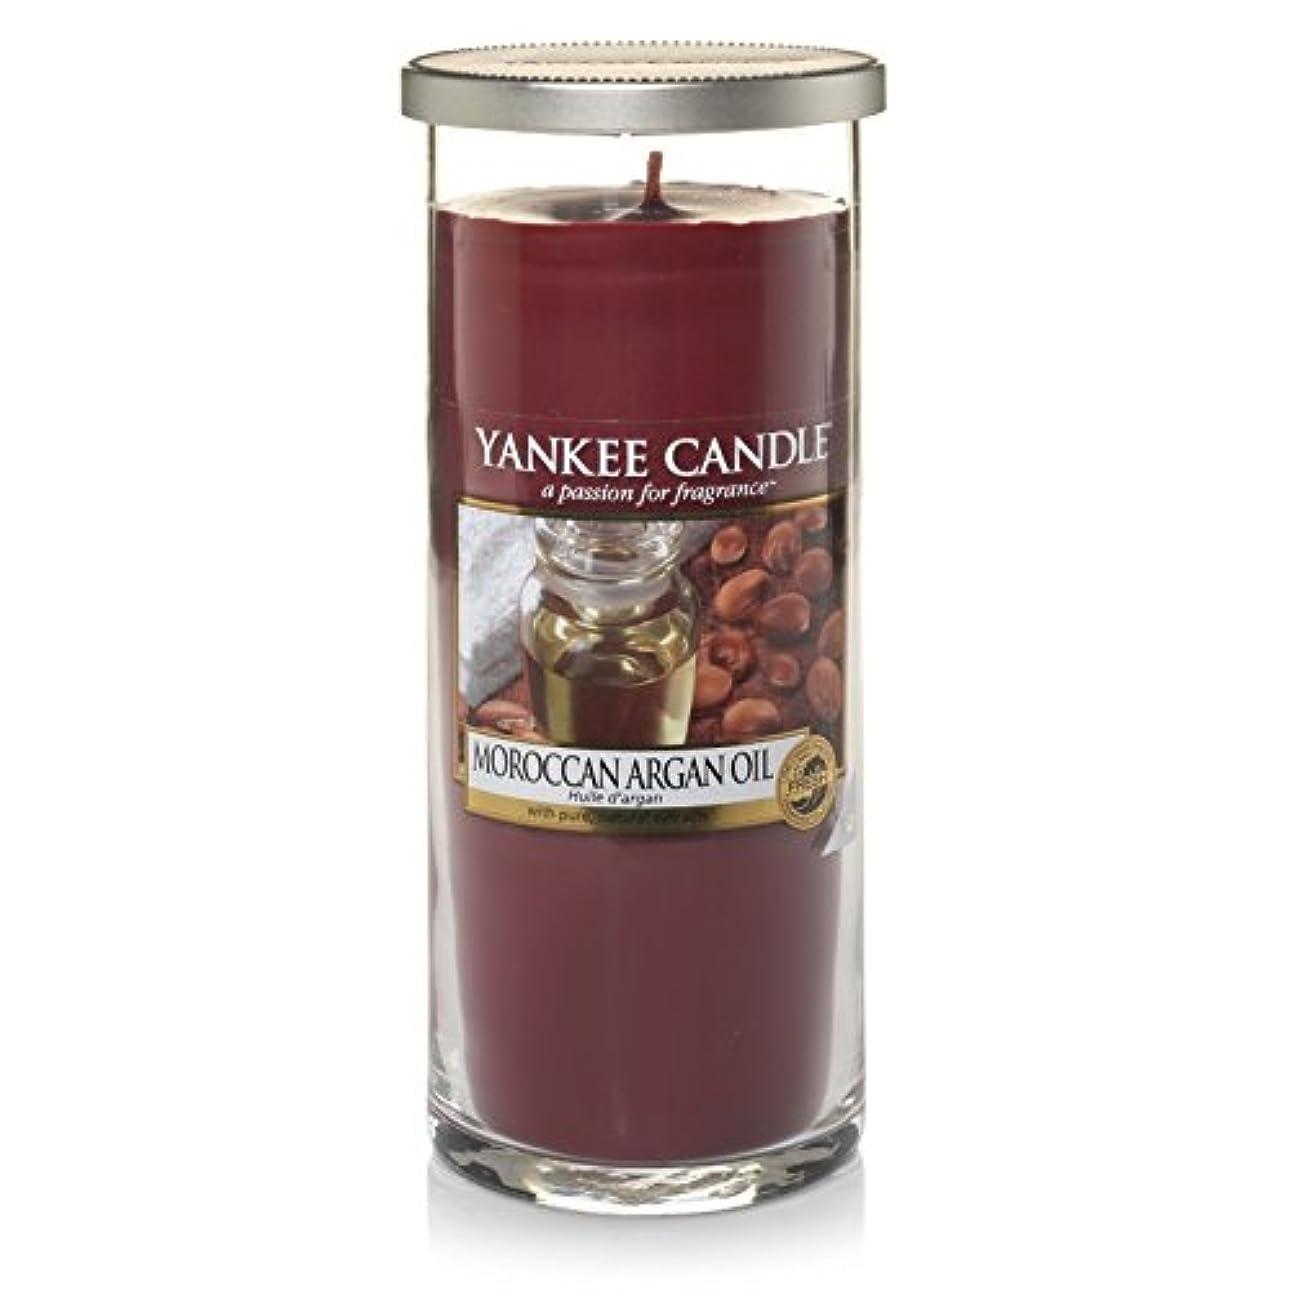 モッキンバード抗議読み書きのできないYankee Candles Large Pillar Candle - Moroccan Argan Oil (Pack of 6) - ヤンキーキャンドル大きな柱キャンドル - モロッコアルガンオイル (x6) [並行輸入品]